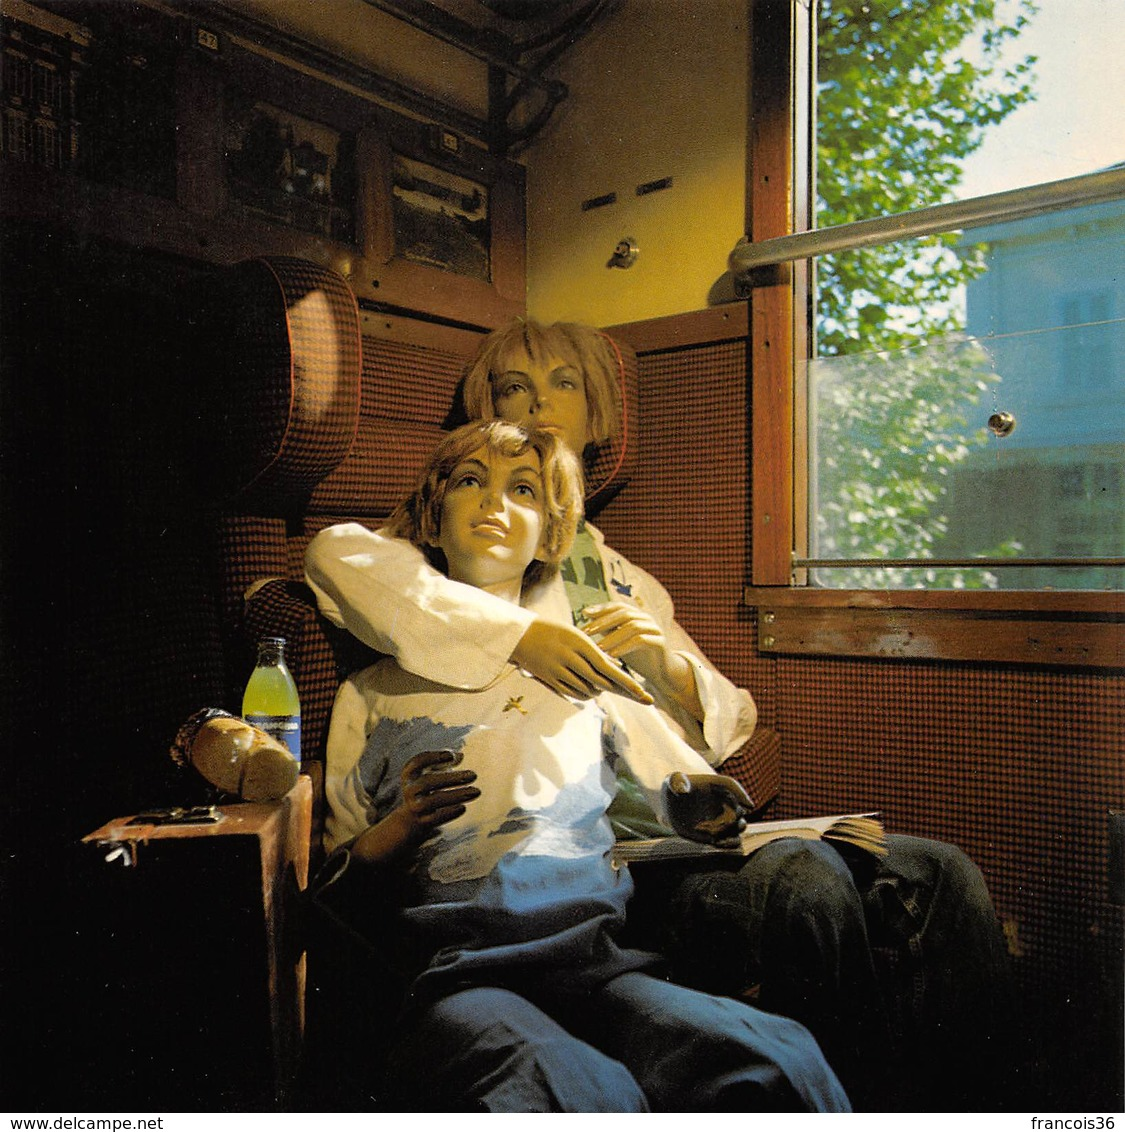 CPM - Photo Bernard Faucon - Dans Le Train - Mannequins - Photographe Photographie - Photographie